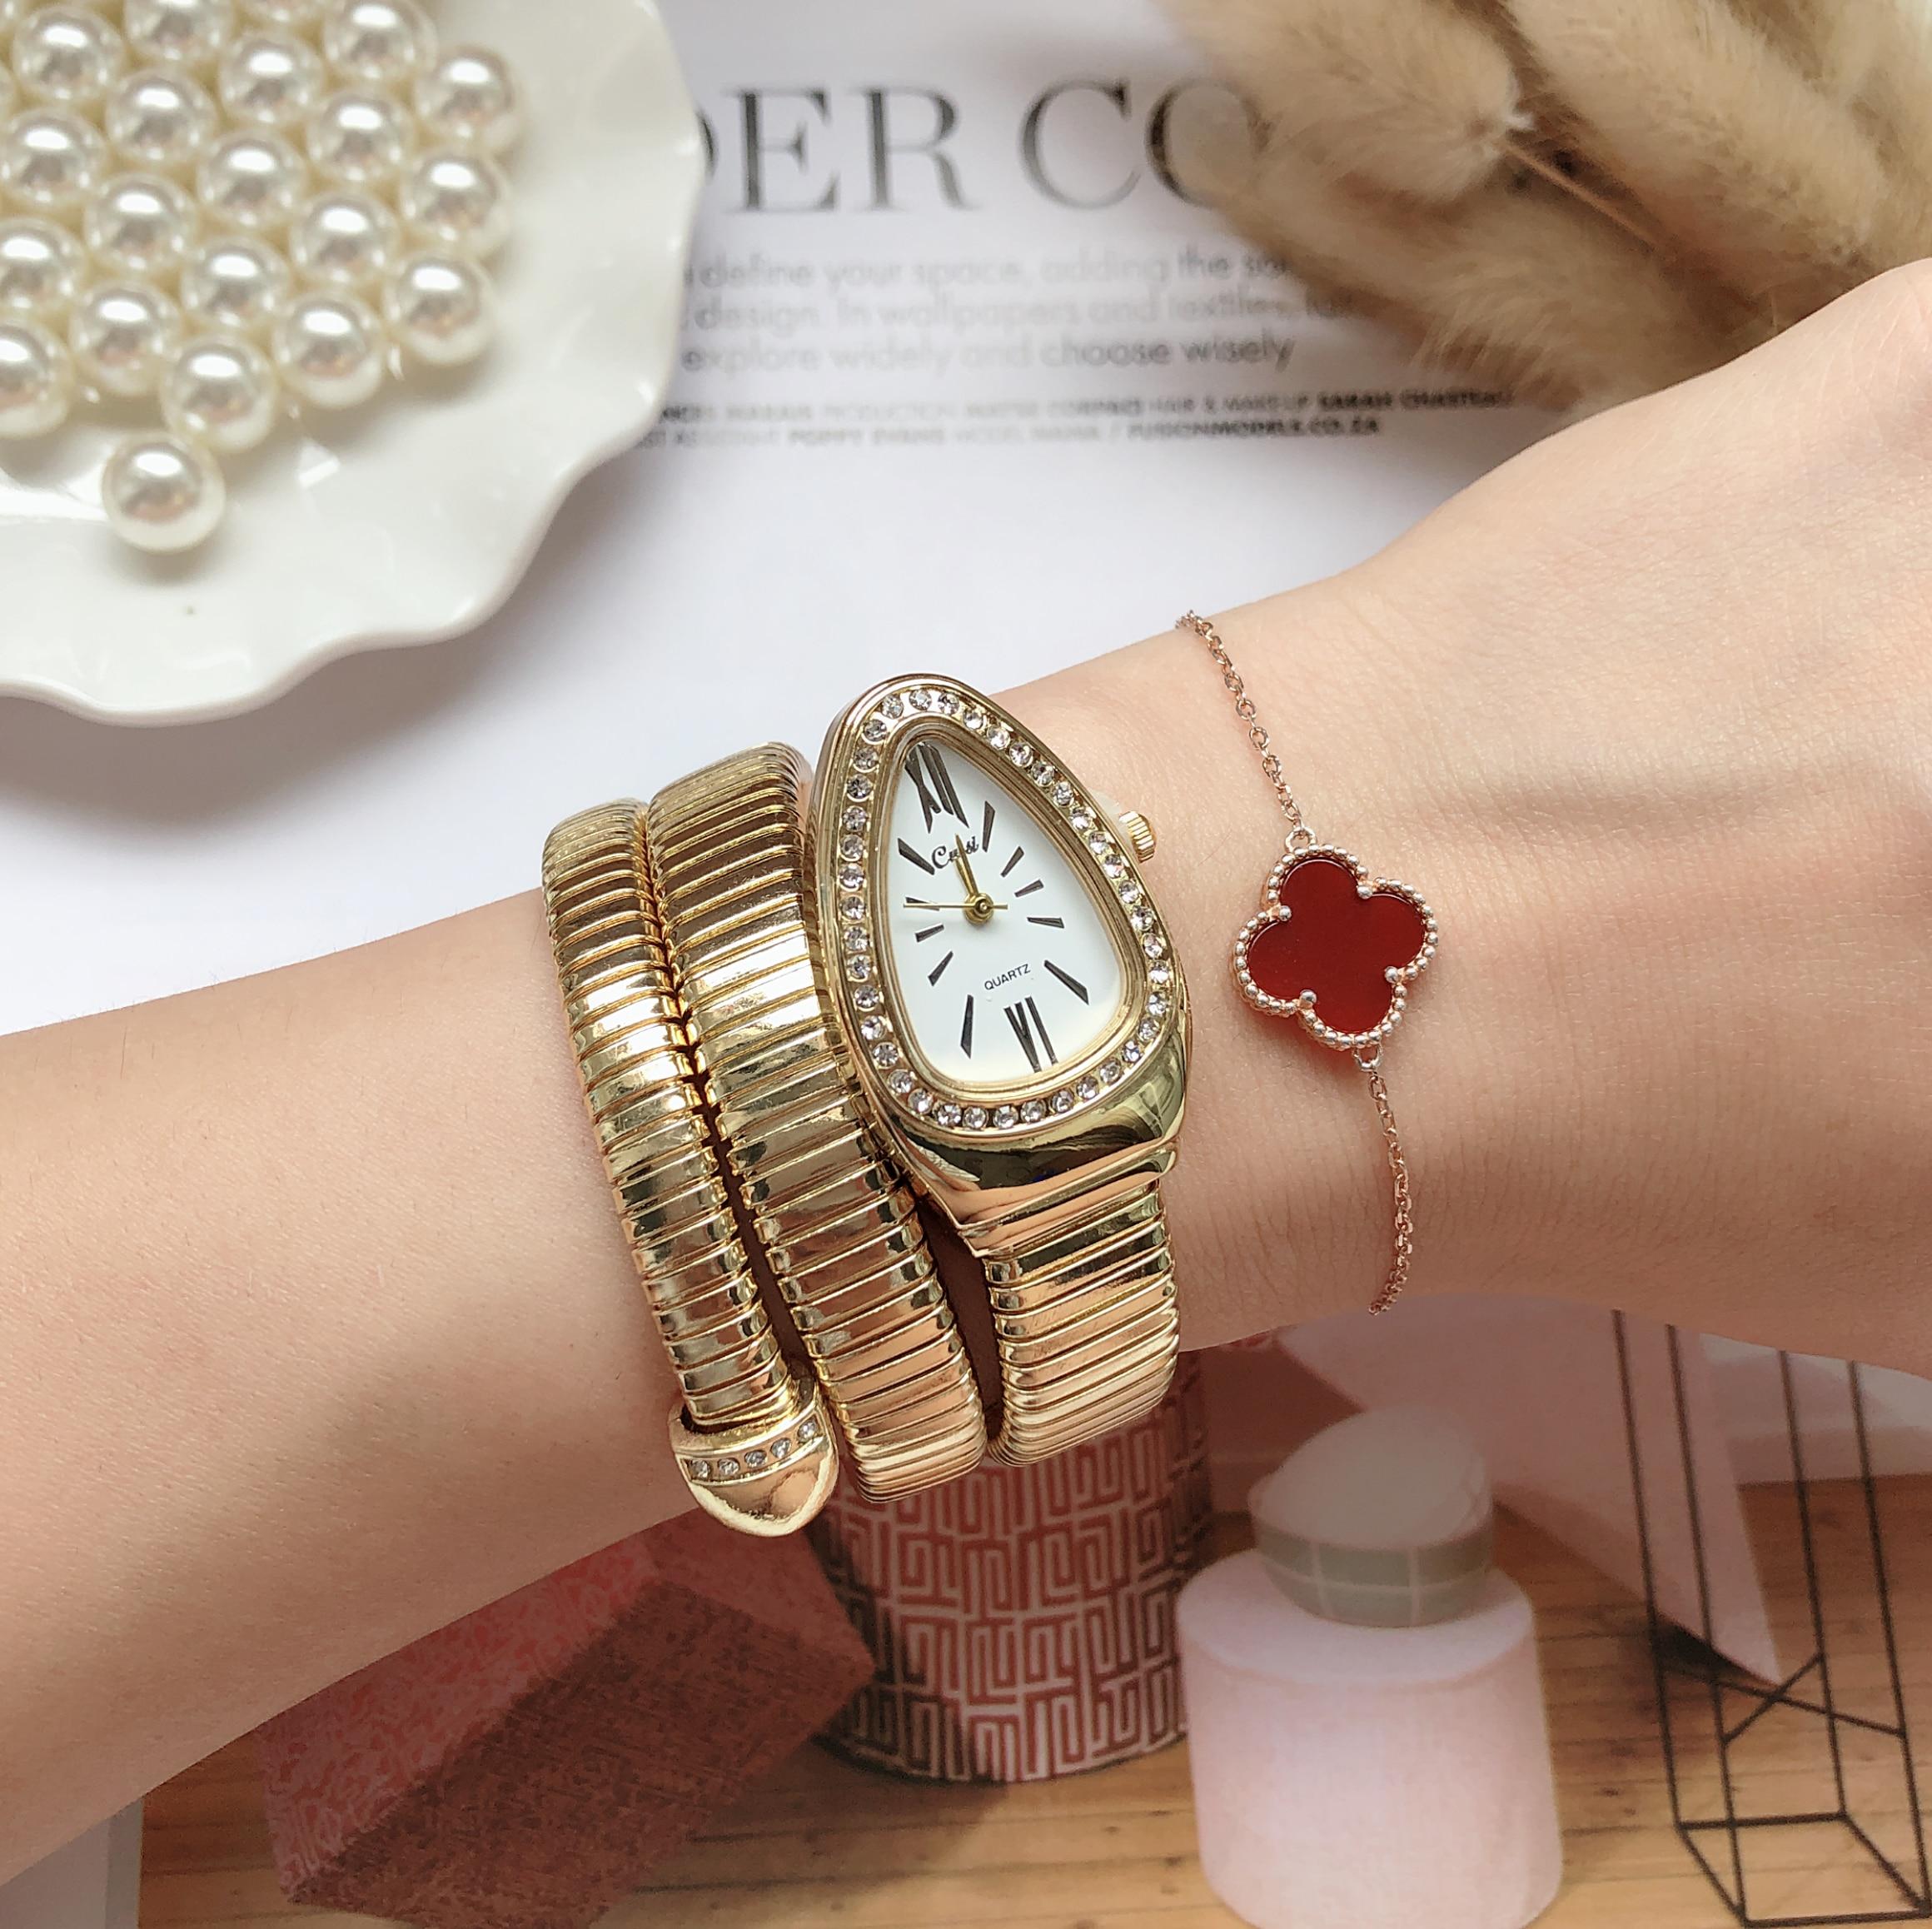 New Women Luxury Brand Watch Snake Quartz Ladies Gold Watch Diamond Wristwatch Female Fashion Bracelet Watches Clock Reloj Mujer